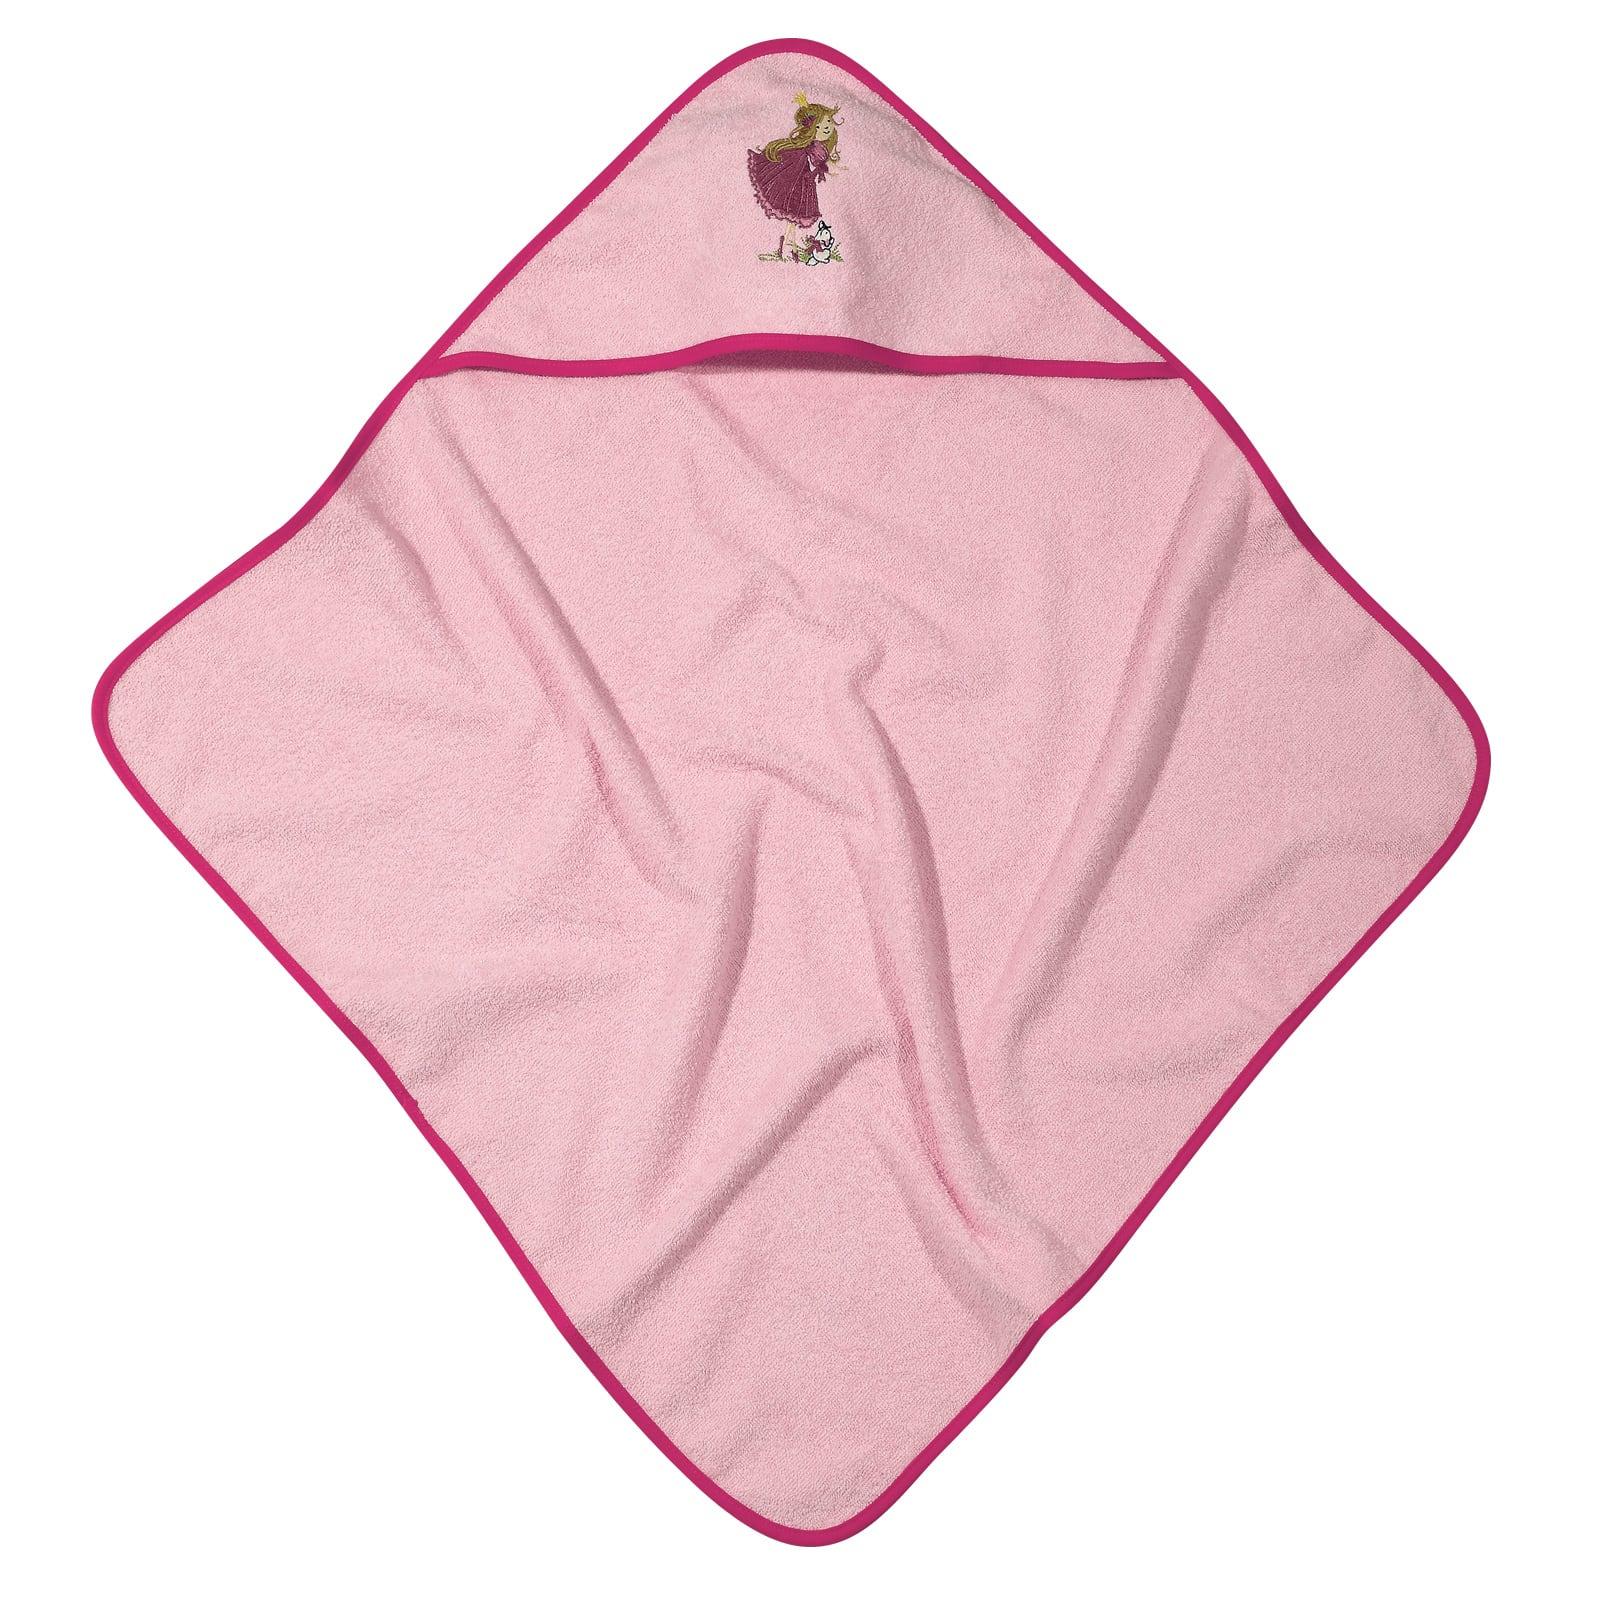 Κάπα Βρεφική Κεντητή 6576 Baby Smile Pink Das Baby 0-2 ετών One Size